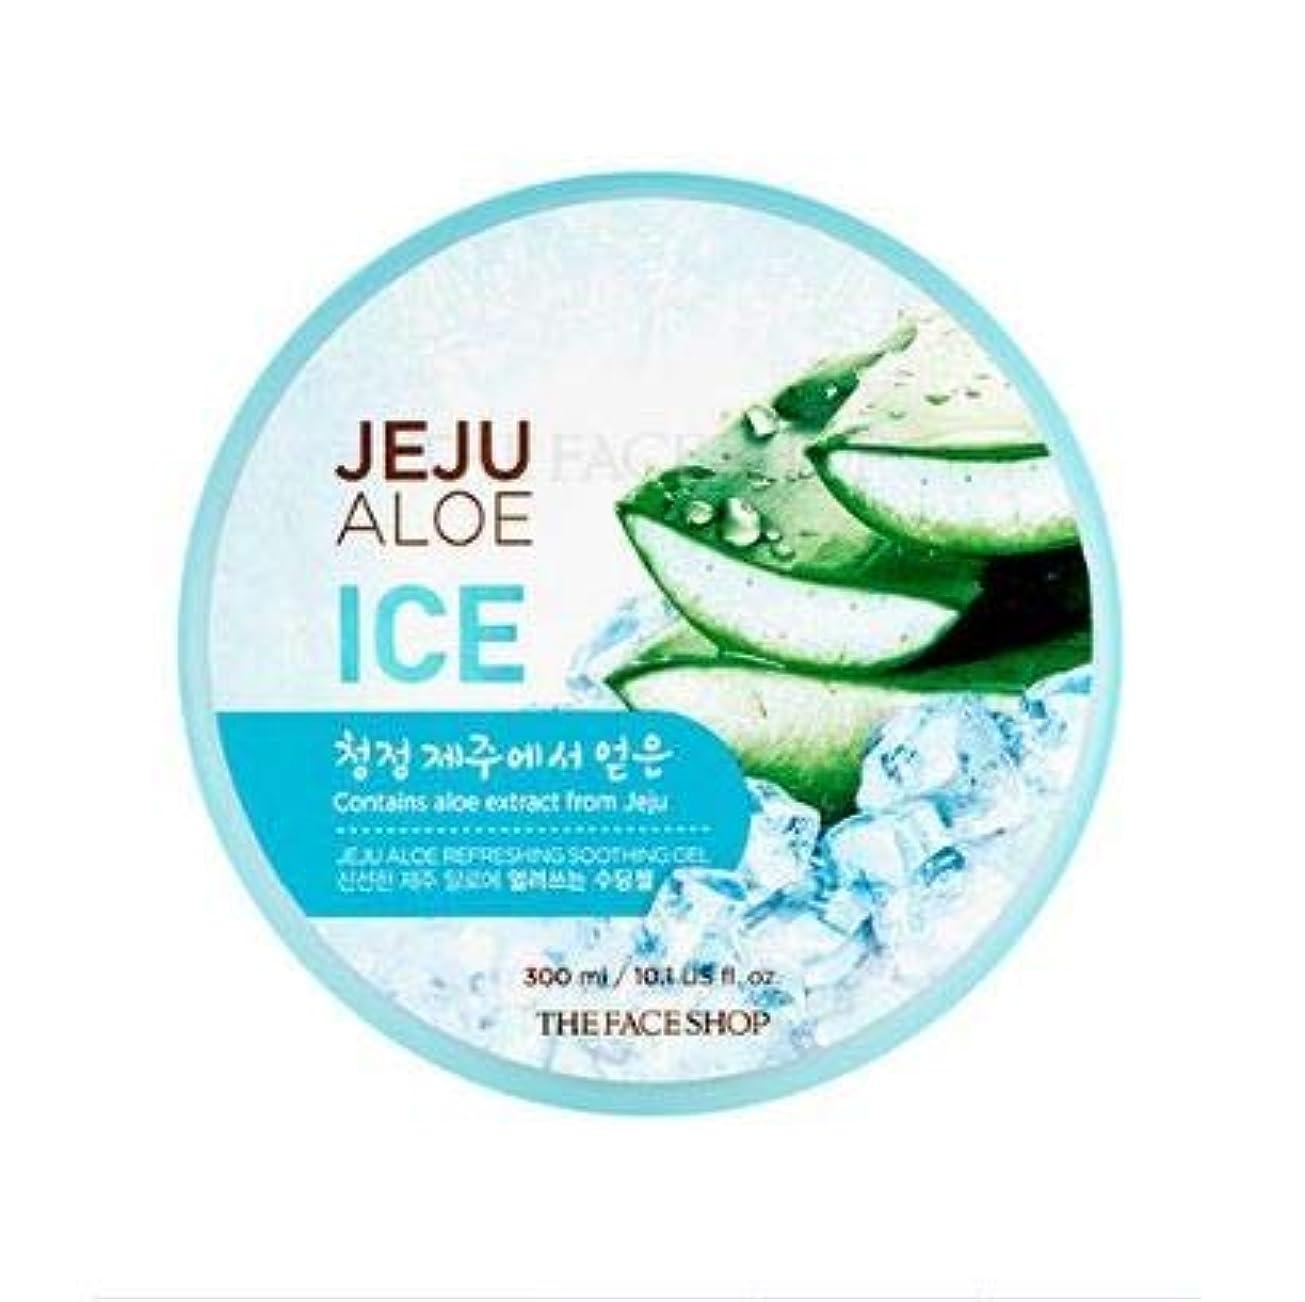 泥沼ぼかす治世ザフェイスショップ 済州 アロエ リフレッシング スージング ジェル 300ml / THE FACE SHOP Jeju Aloe Refreshing Soothing Gel 300ml [並行輸入品]